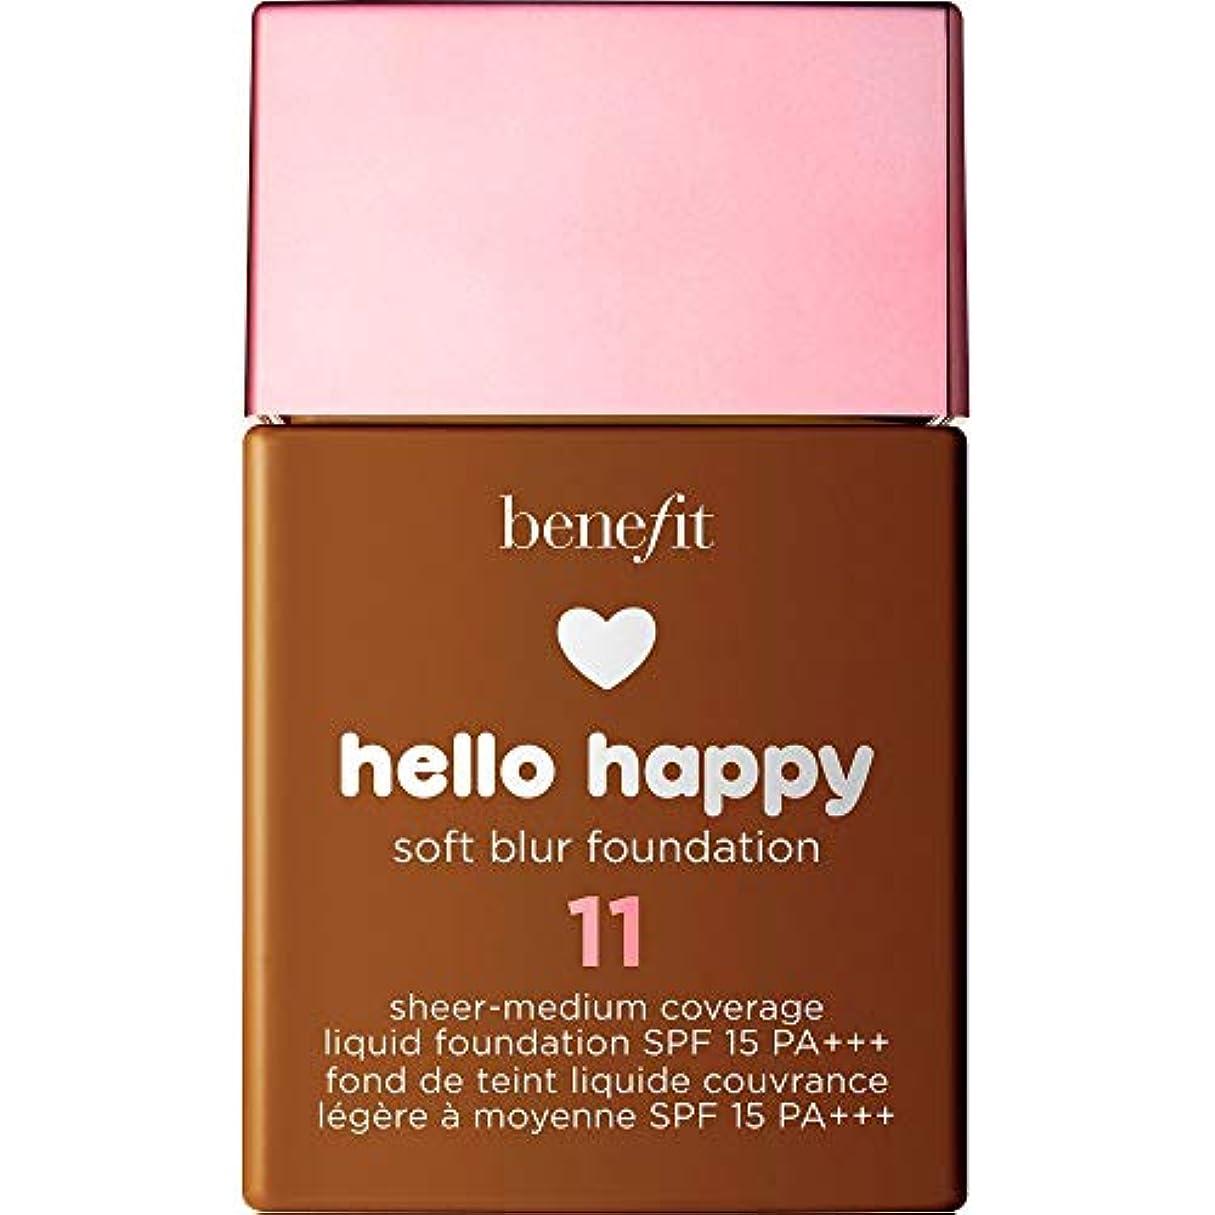 鉄道駅ではごきげんよう忌避剤[Benefit ] 利点は、ハロー幸せソフトブラー基礎Spf15 30ミリリットル11 - ダークニュートラル - Benefit Hello Happy Soft Blur Foundation SPF15 30ml...